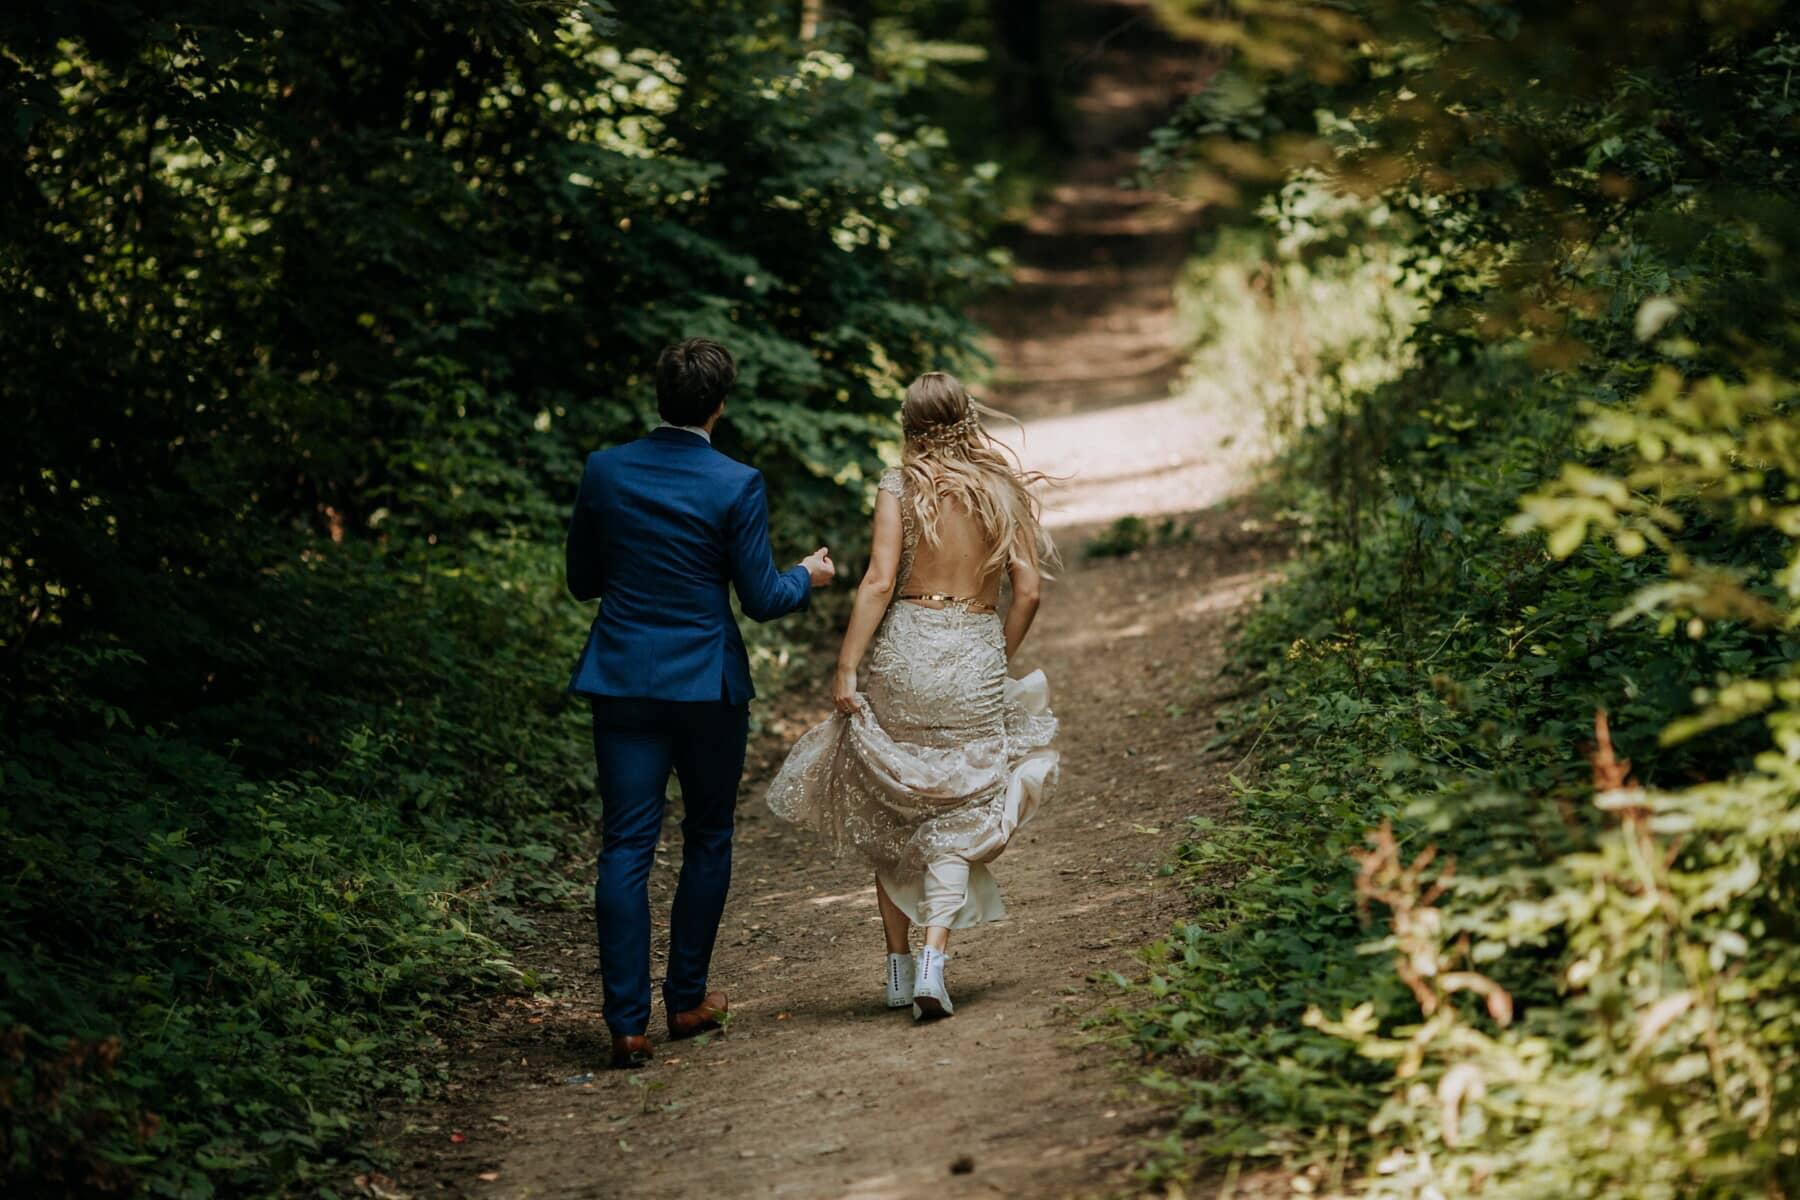 лес, дружок, веселье, люди, единения, поход, образ жизни, романтический, подруга, отдых